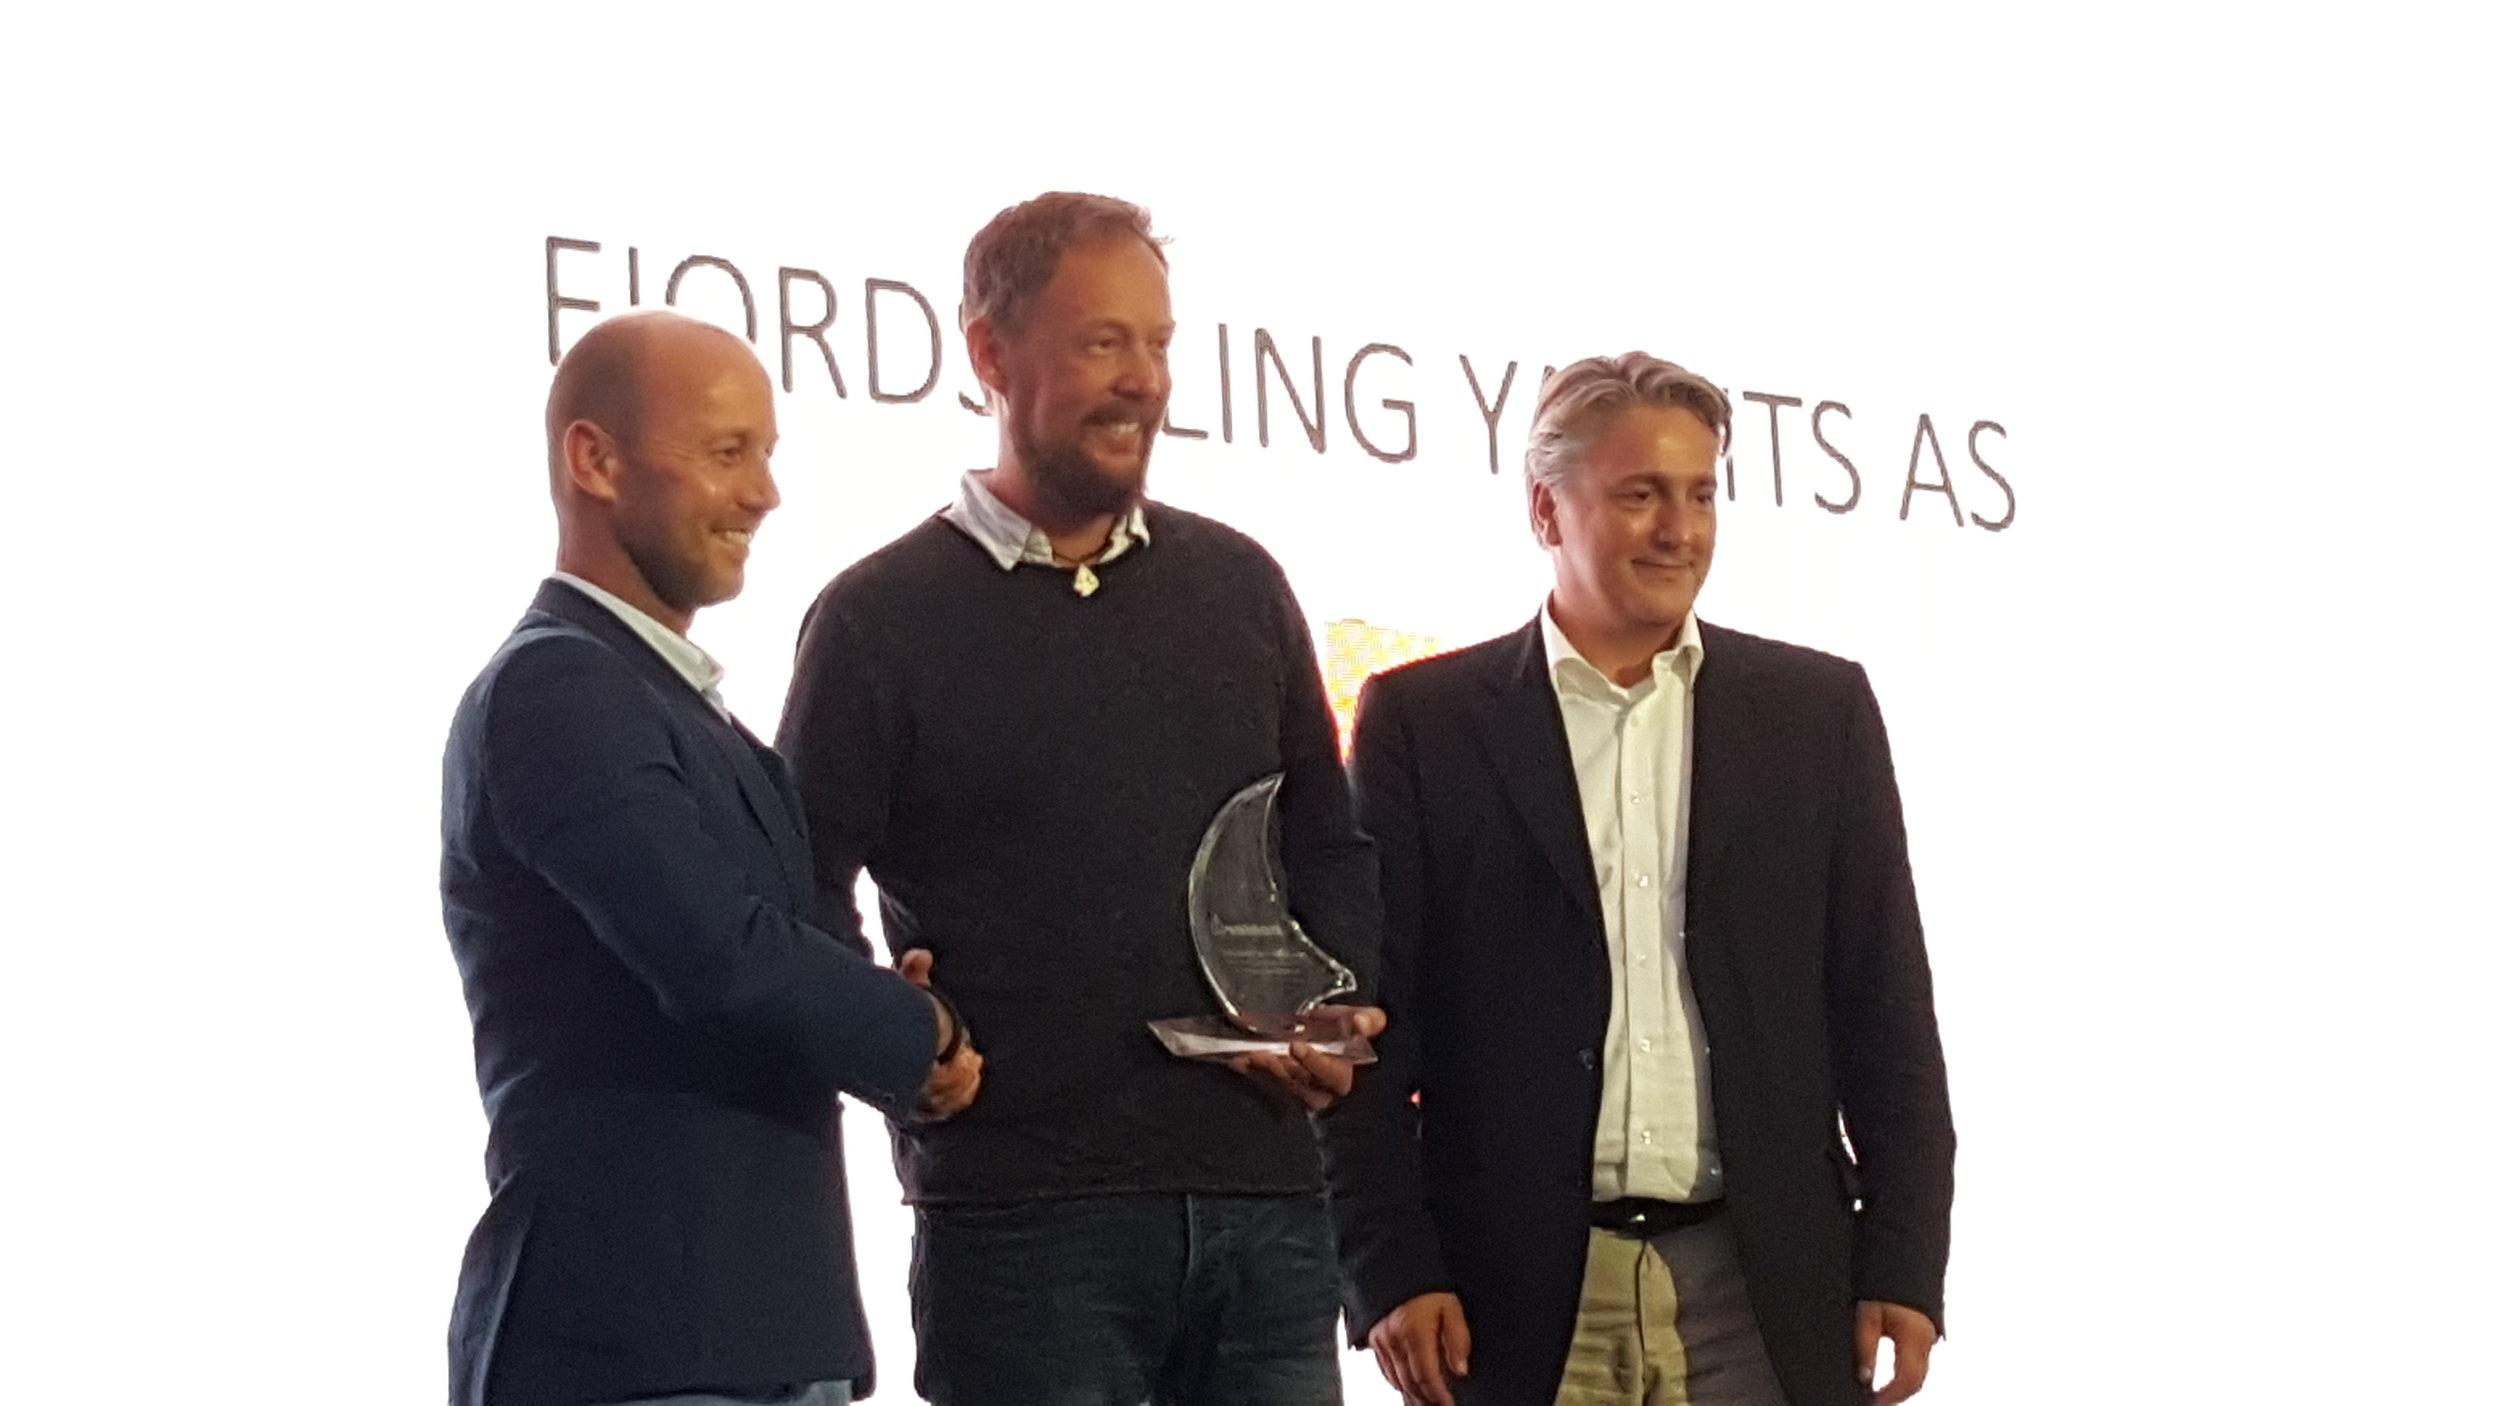 Salgssjef Arnoud Van Oudheusden, eier av FjordSailing Yachts Bjørn-Vidar Bårtvedt og CEO i Hanse Group Dr. Jens Gerhardt